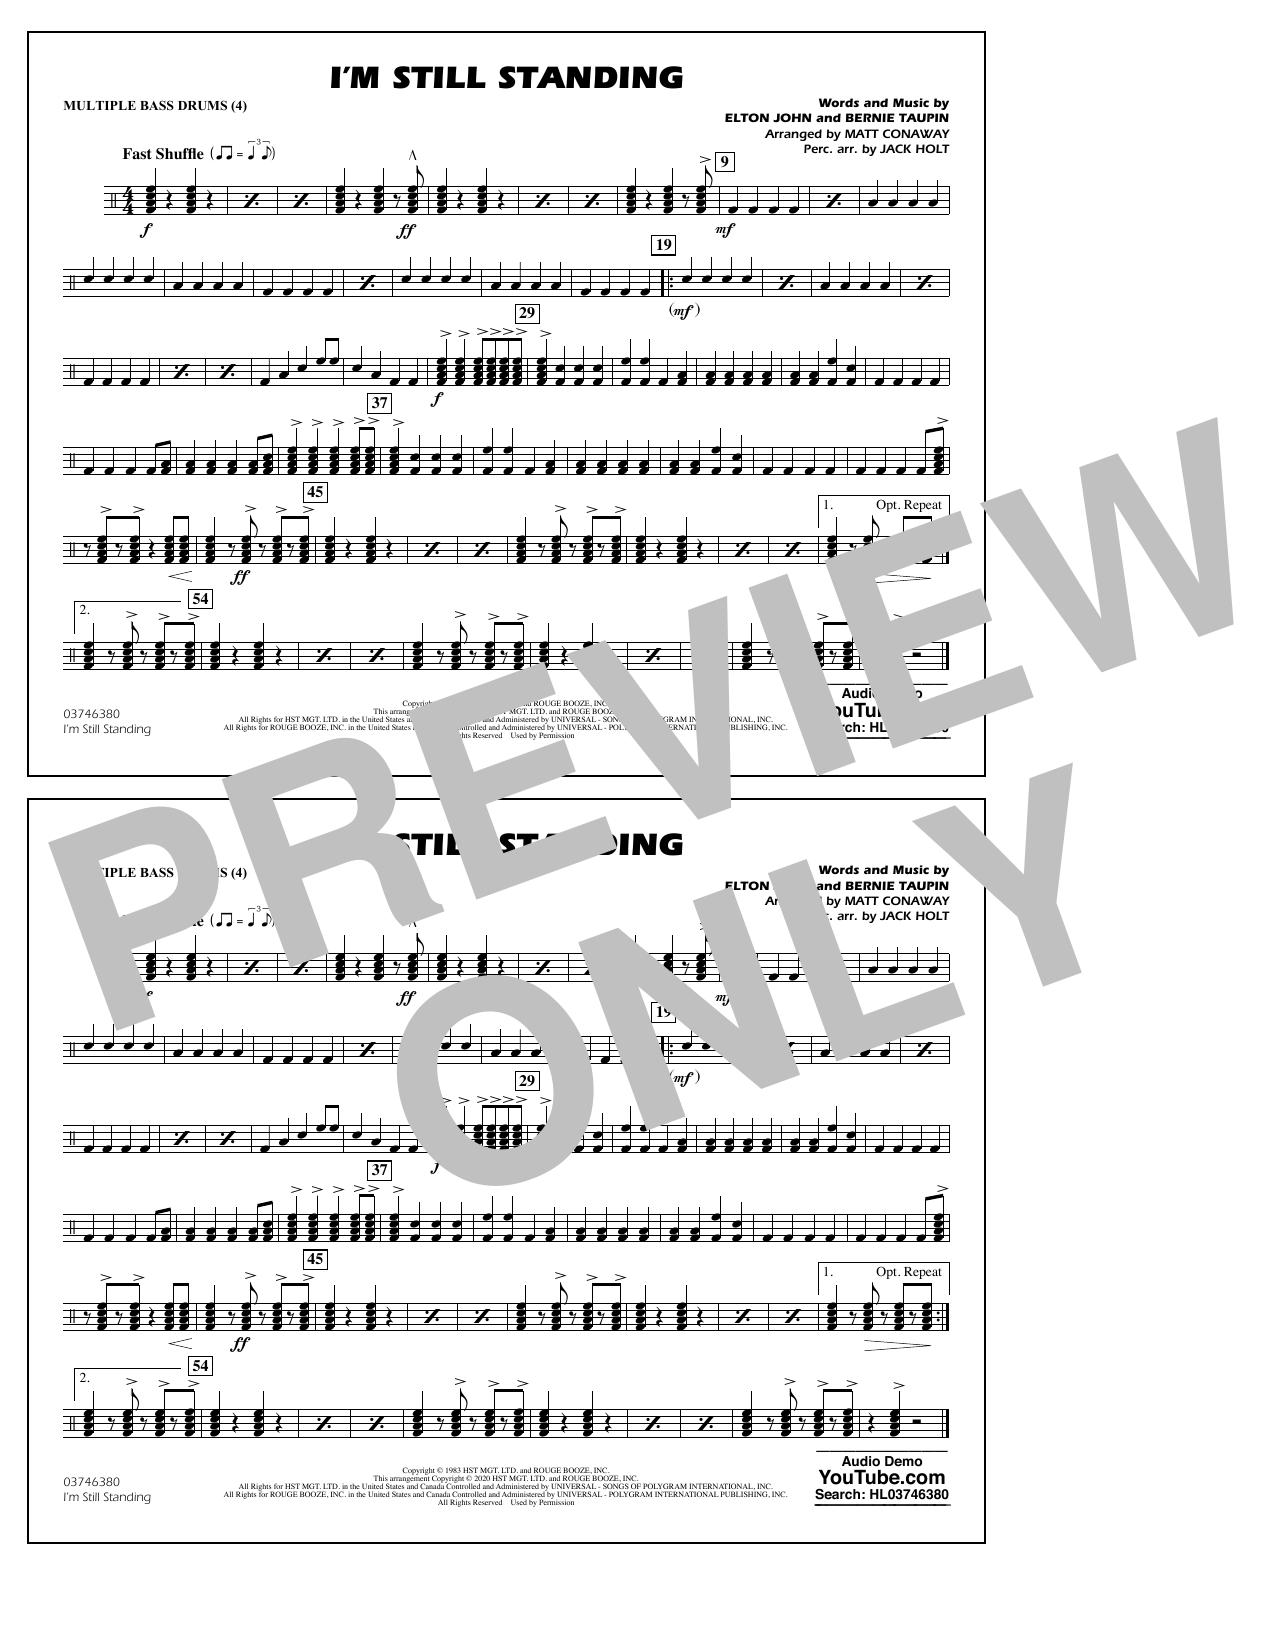 I'm Still Standing (arr. Matt Conaway and Jack Holt) - Multiple Bass Drums Sheet Music